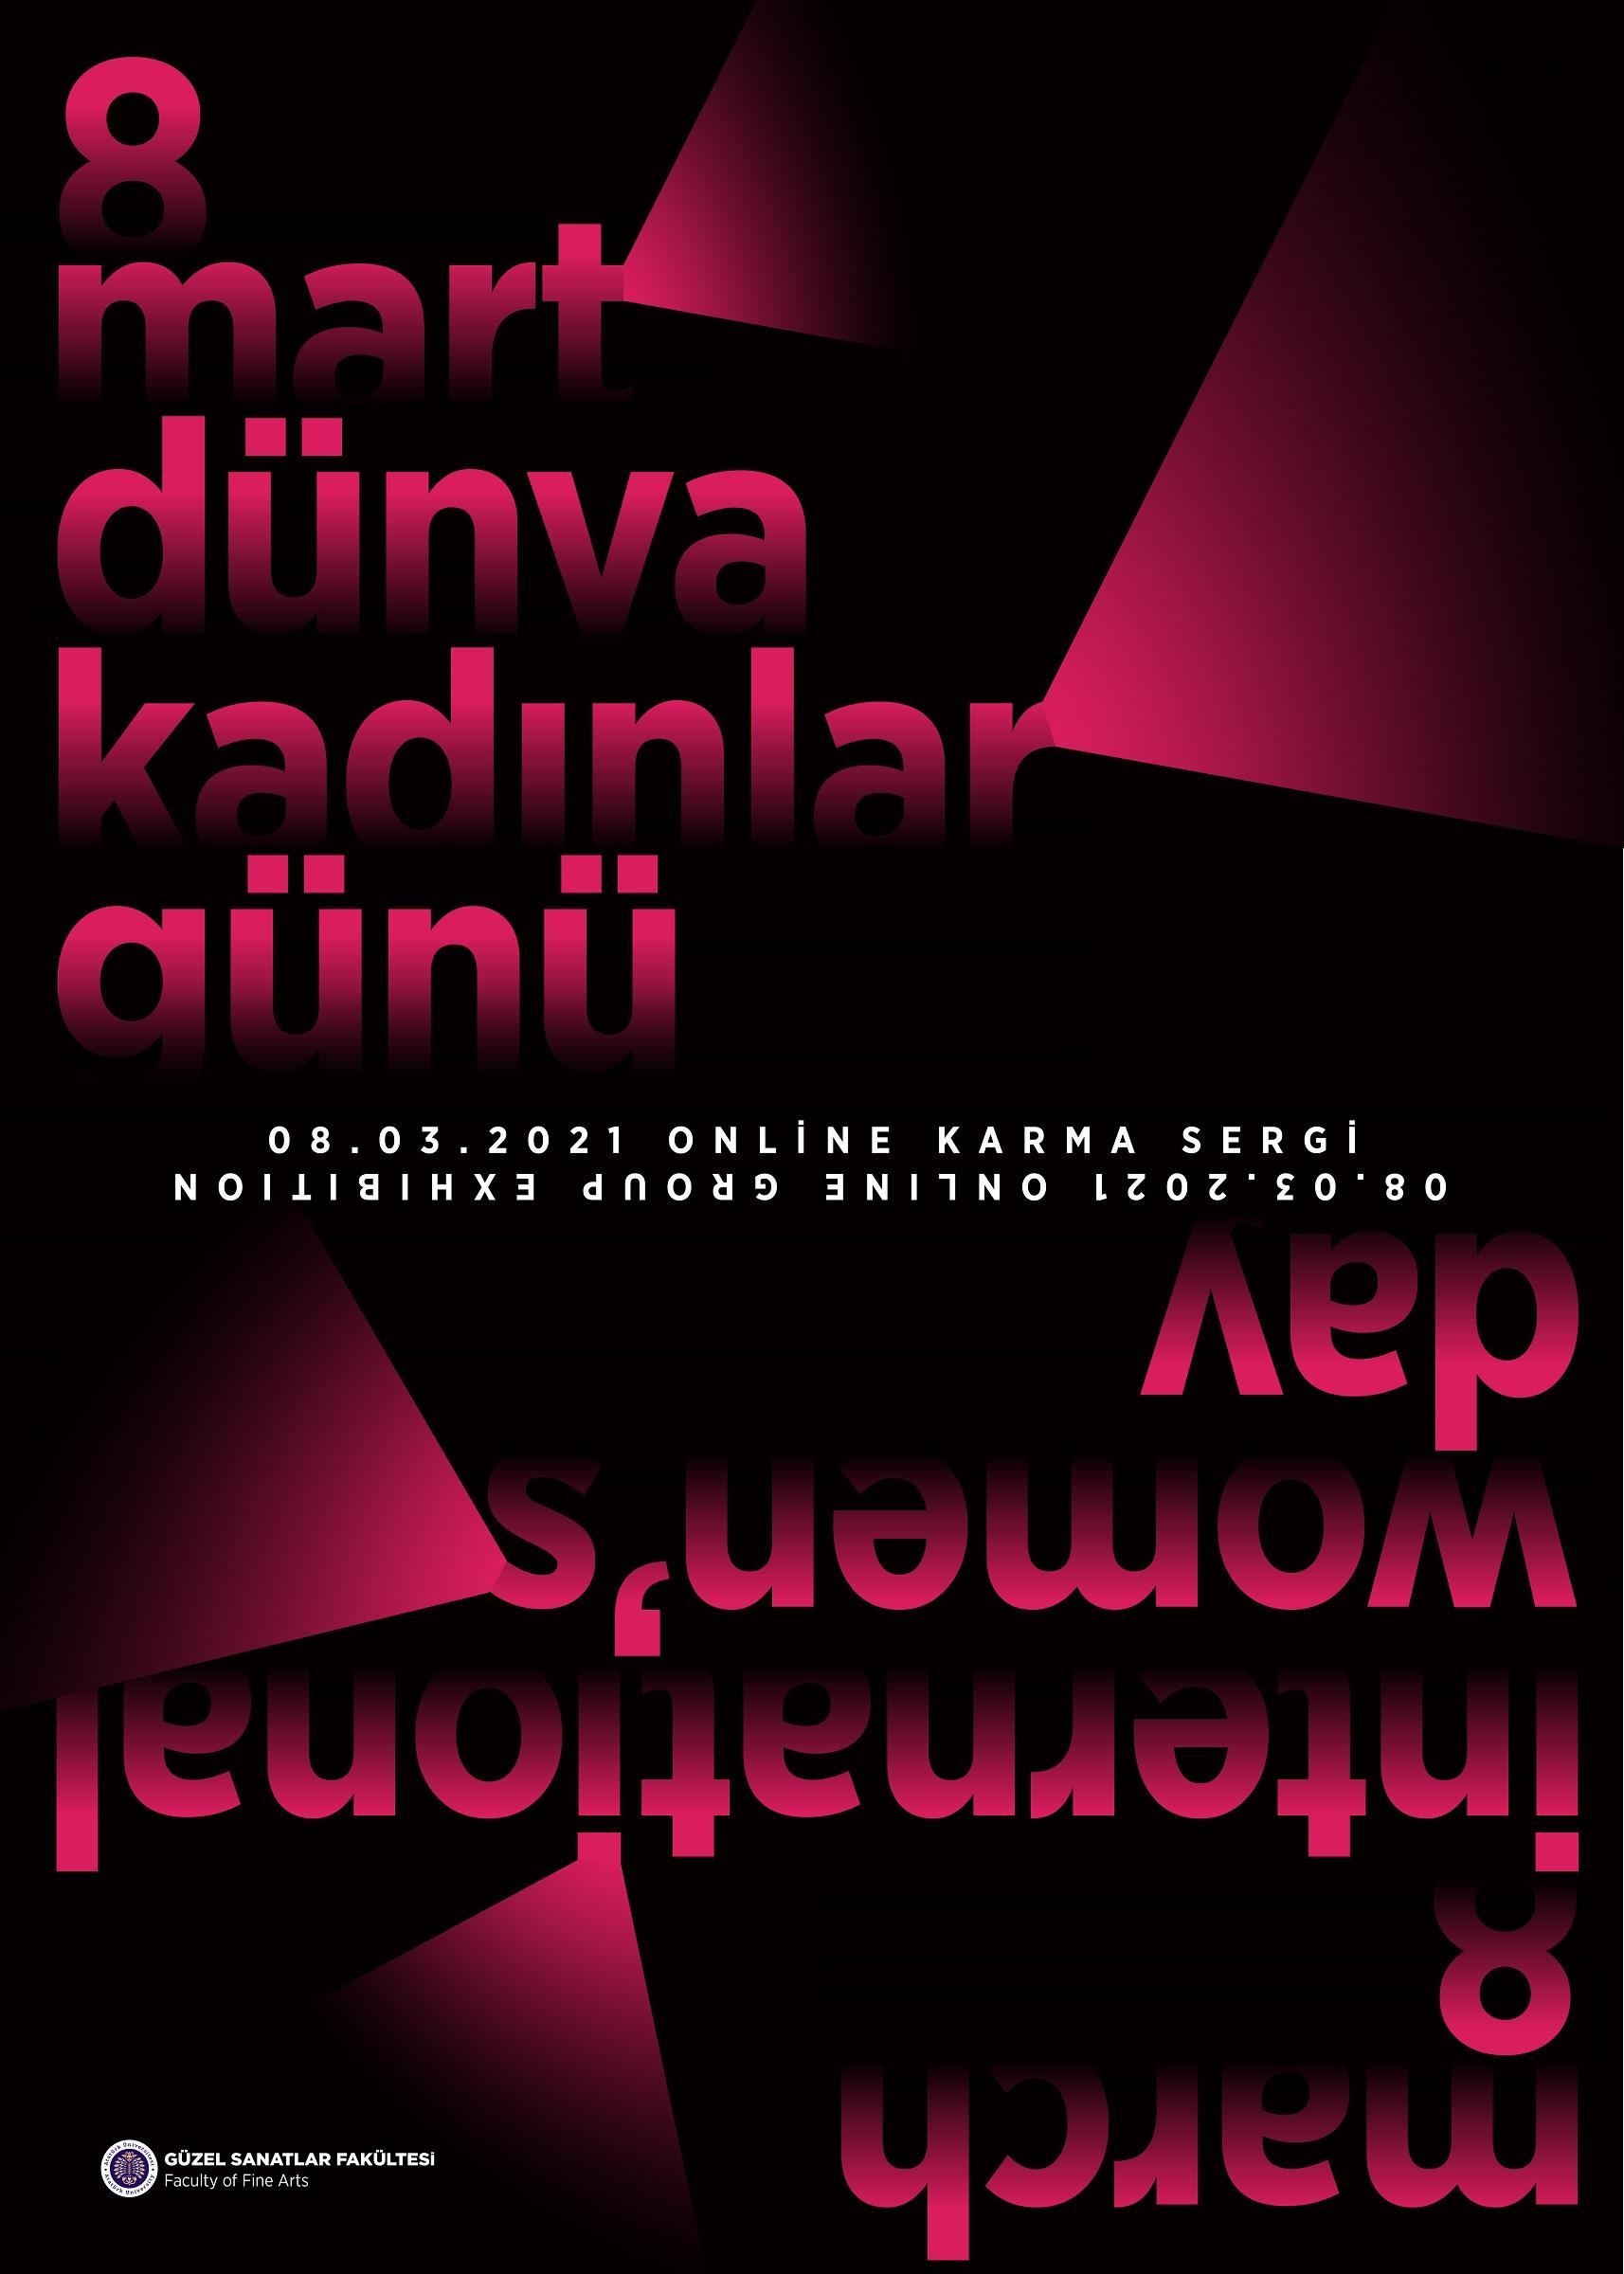 8 Mart Dünya Kadınlar Günü Online Karma Sergi